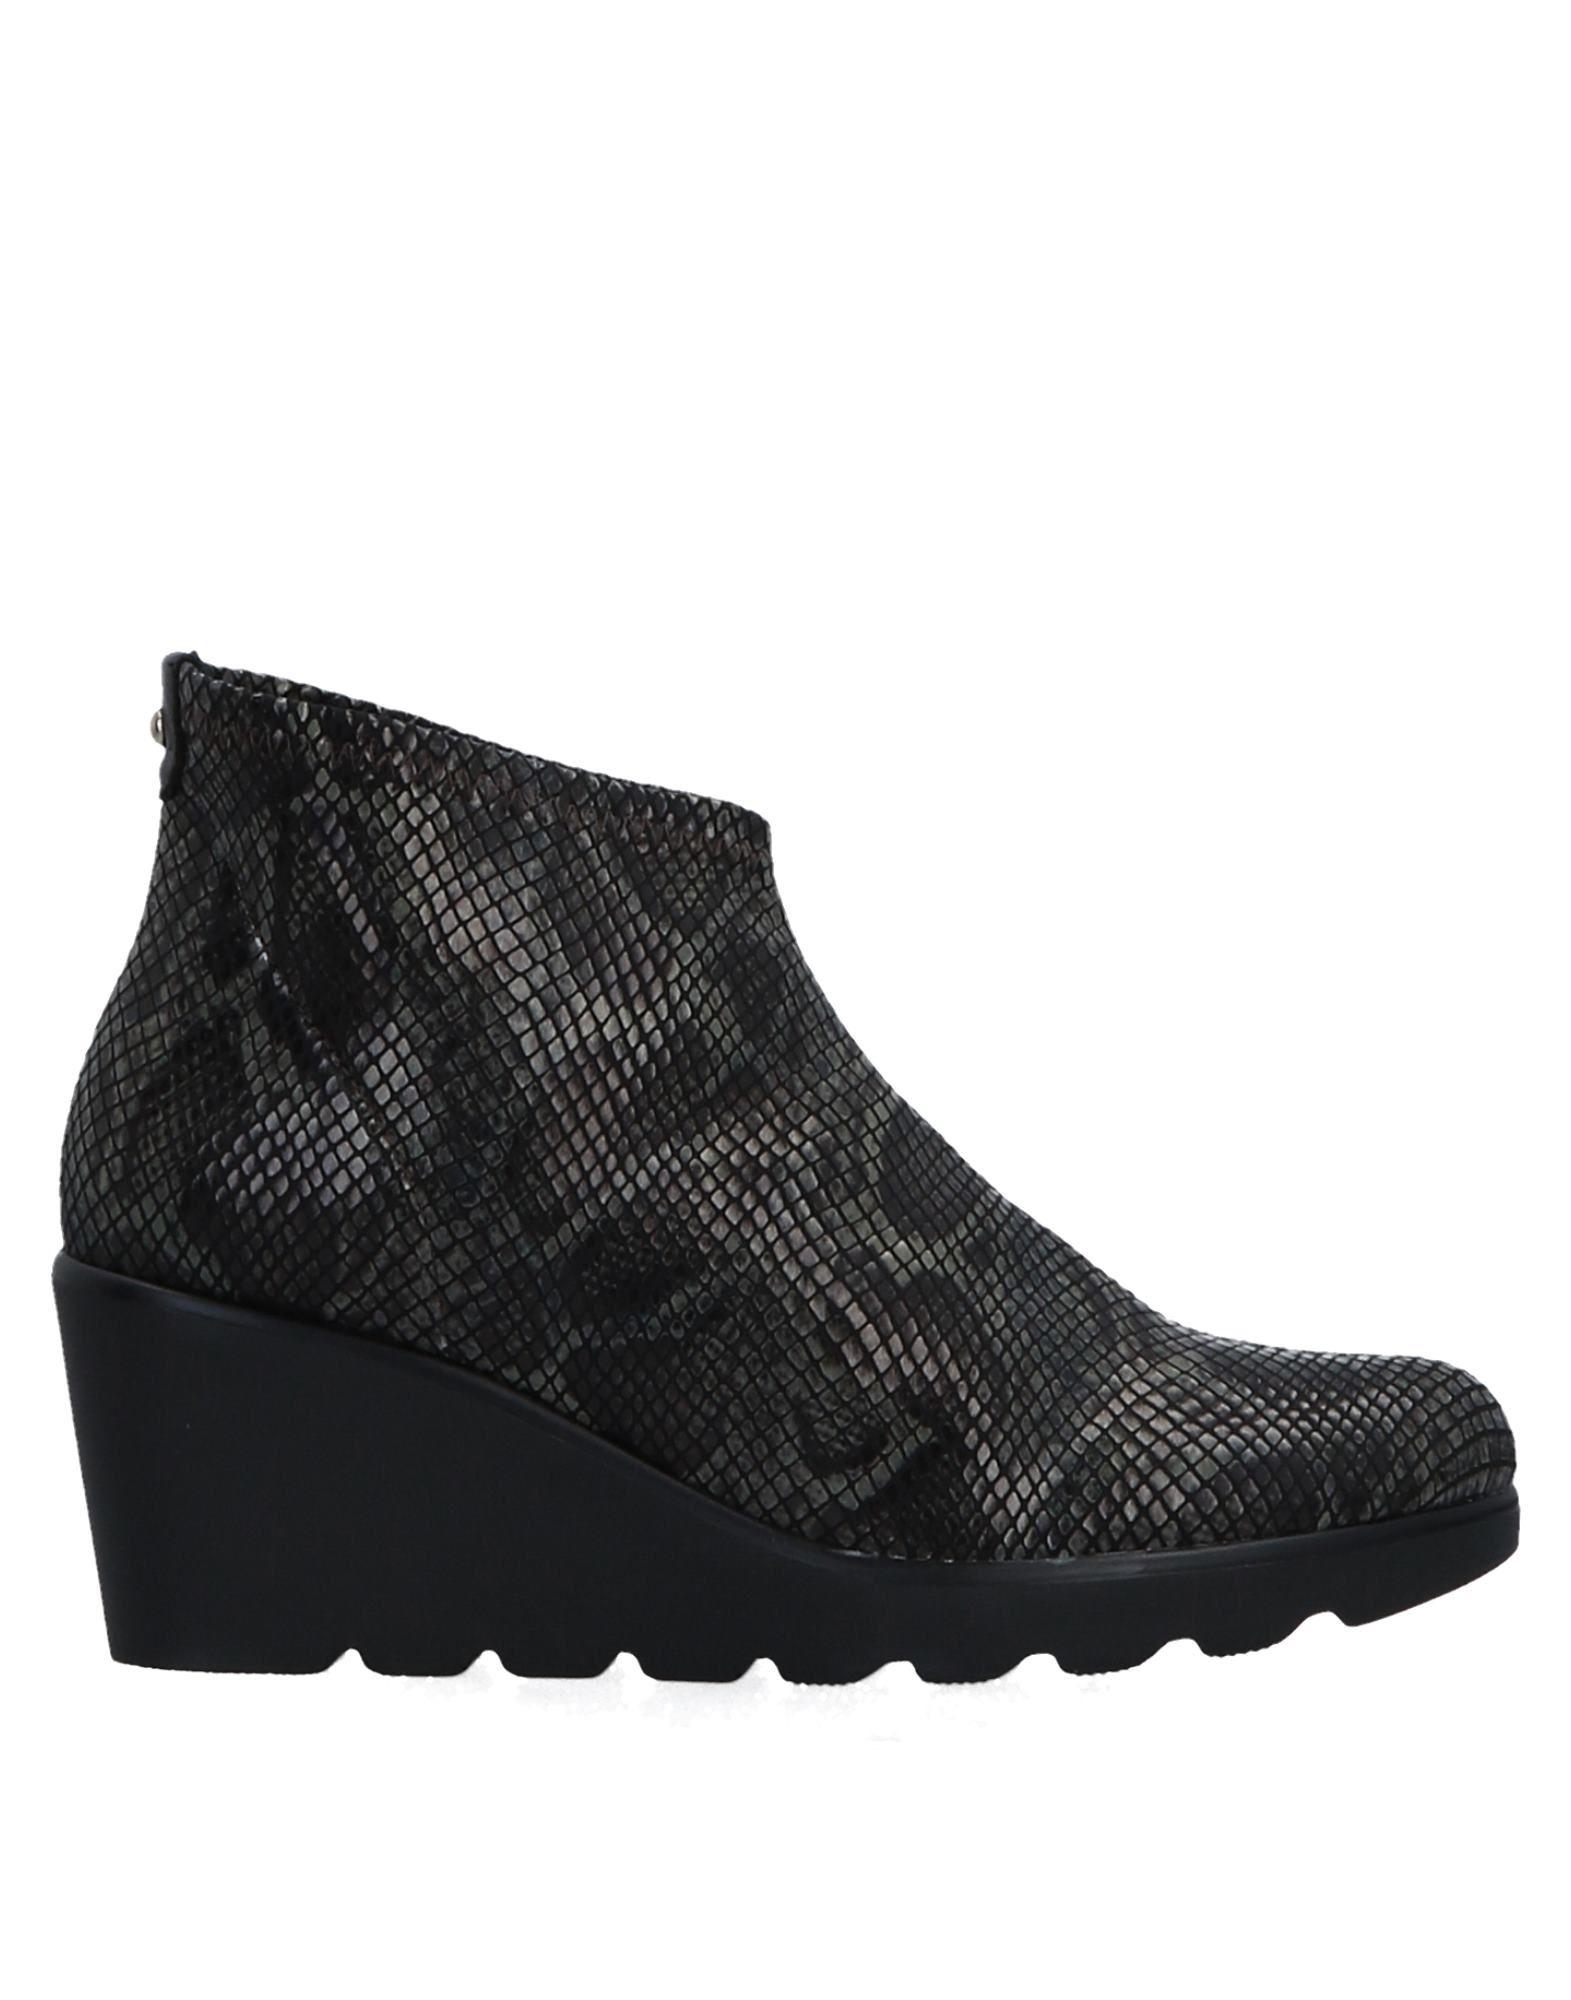 Toni 11520344JS Pons Stiefelette Damen  11520344JS Toni Gute Qualität beliebte Schuhe bd59de